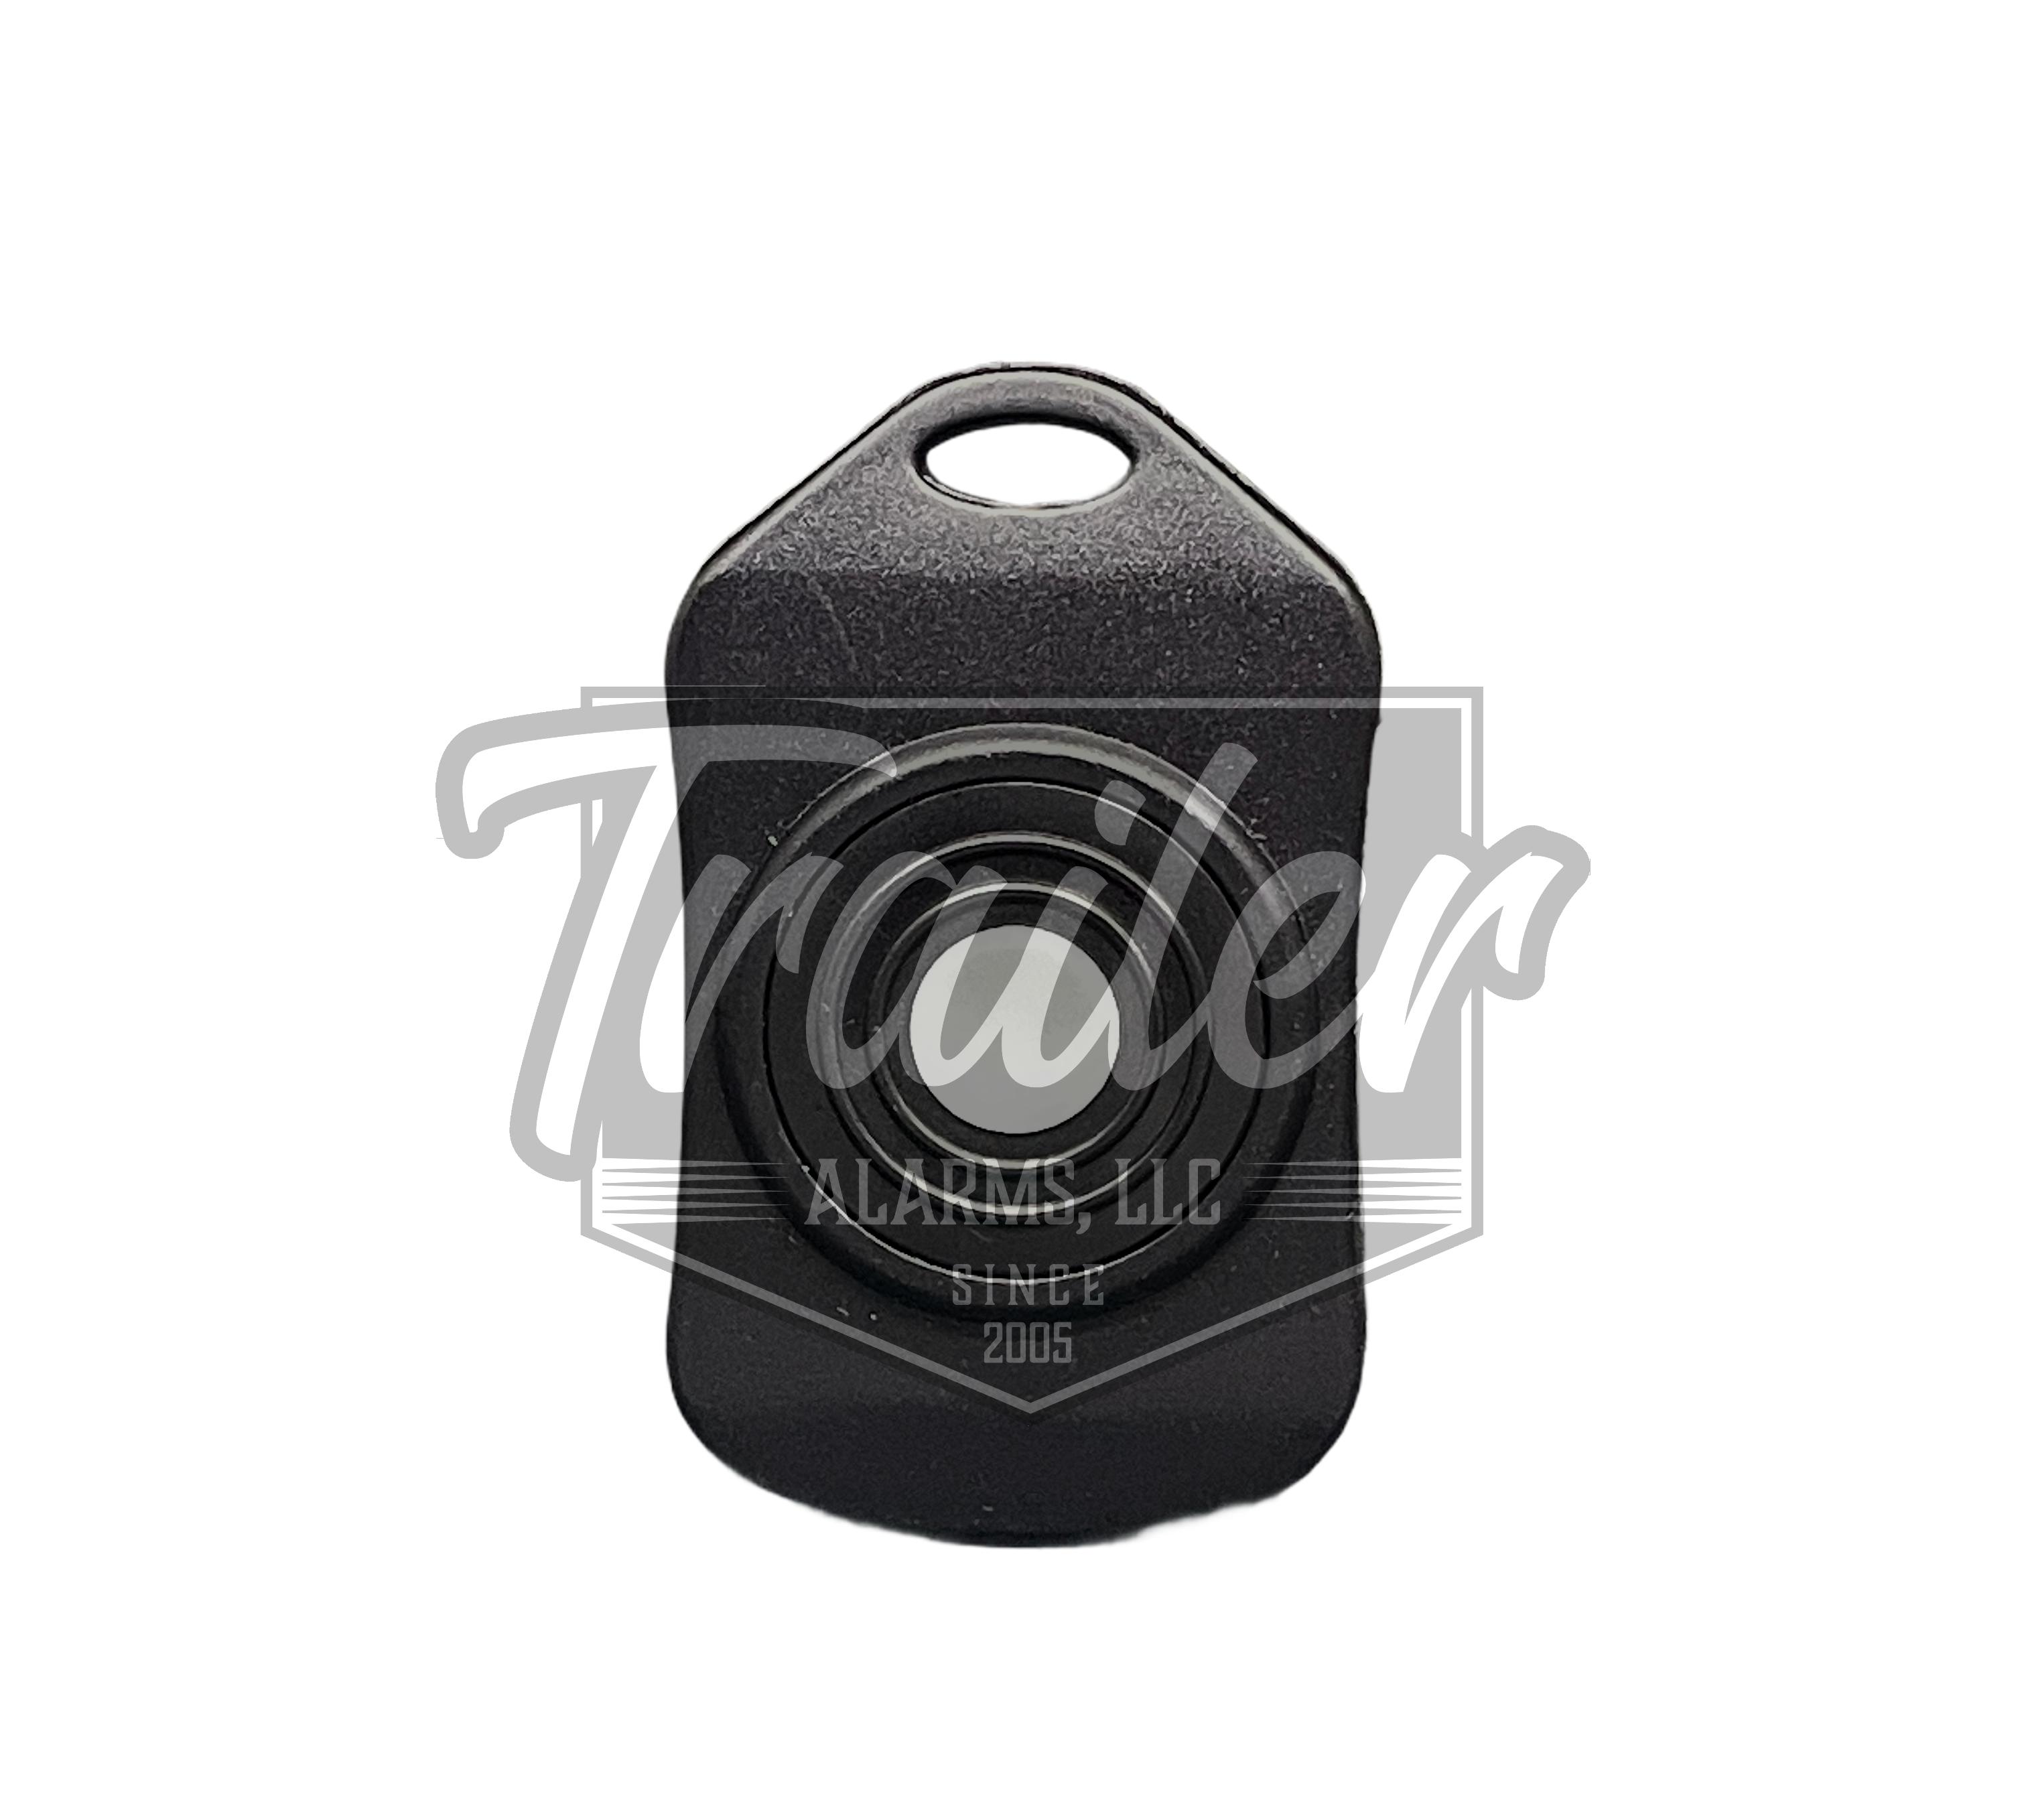 Key fob product image